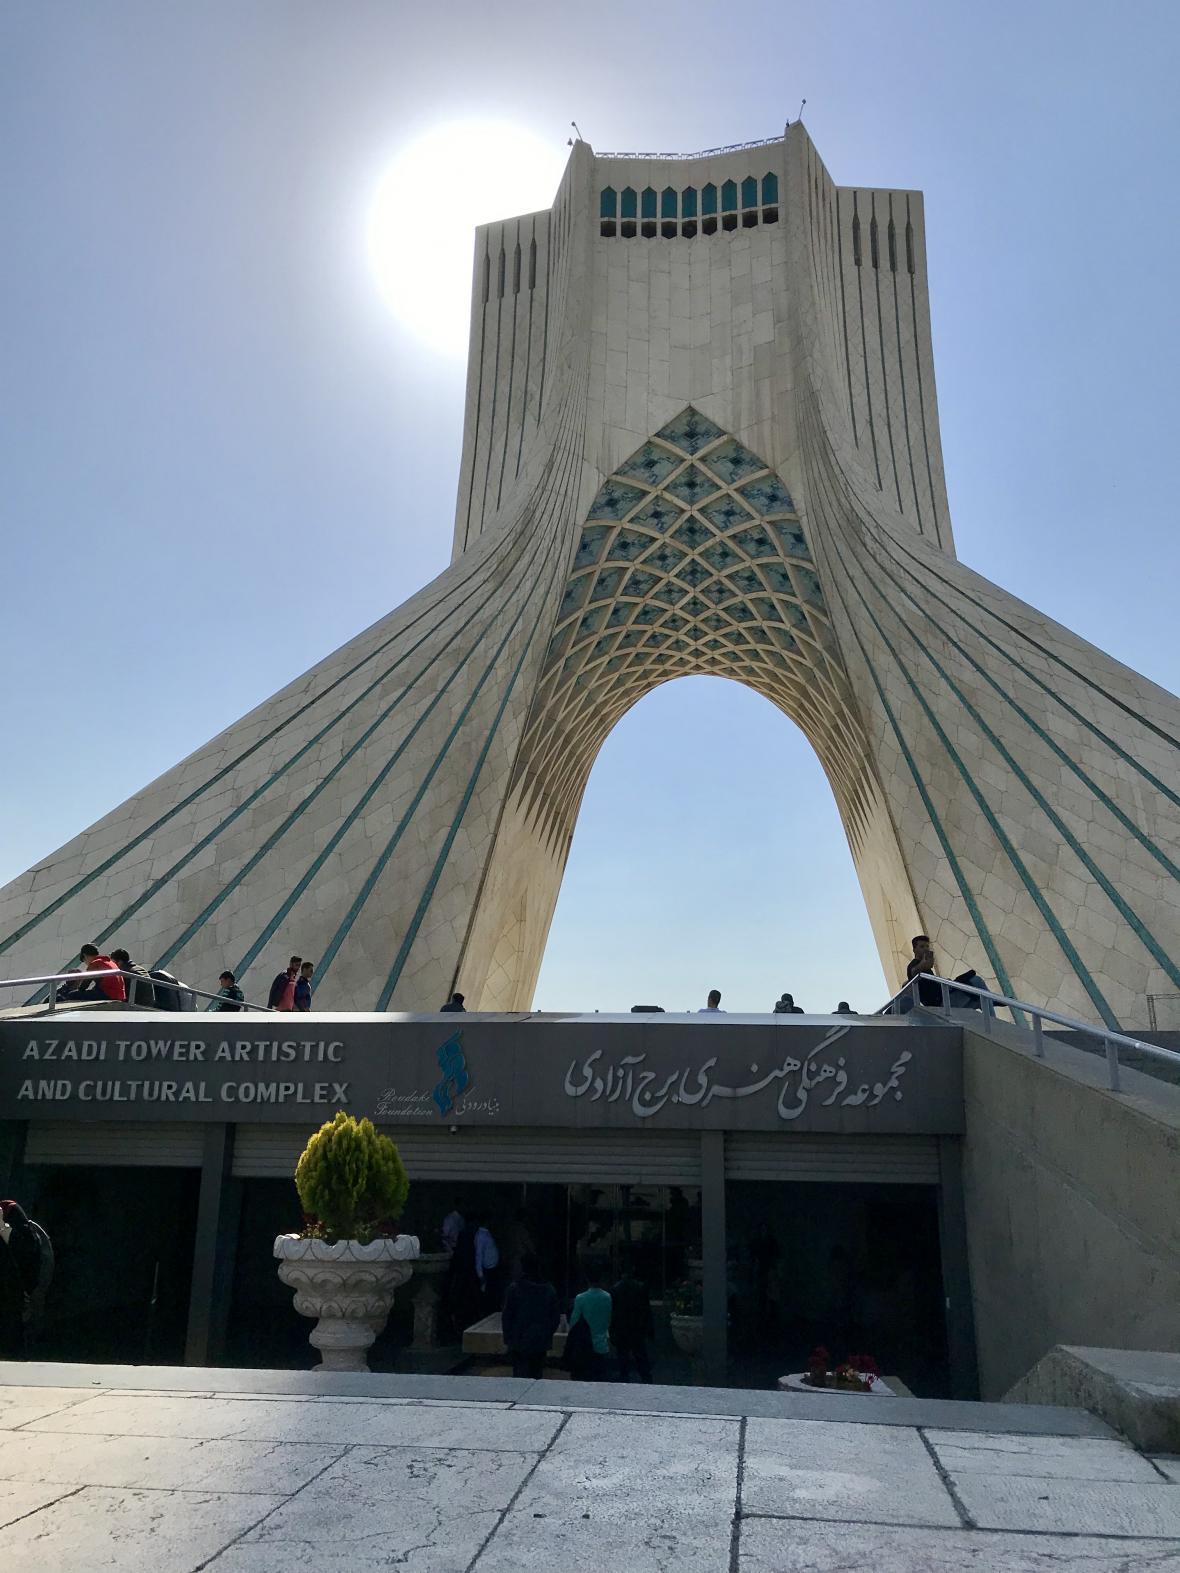 Památník Azadi v Teheránu